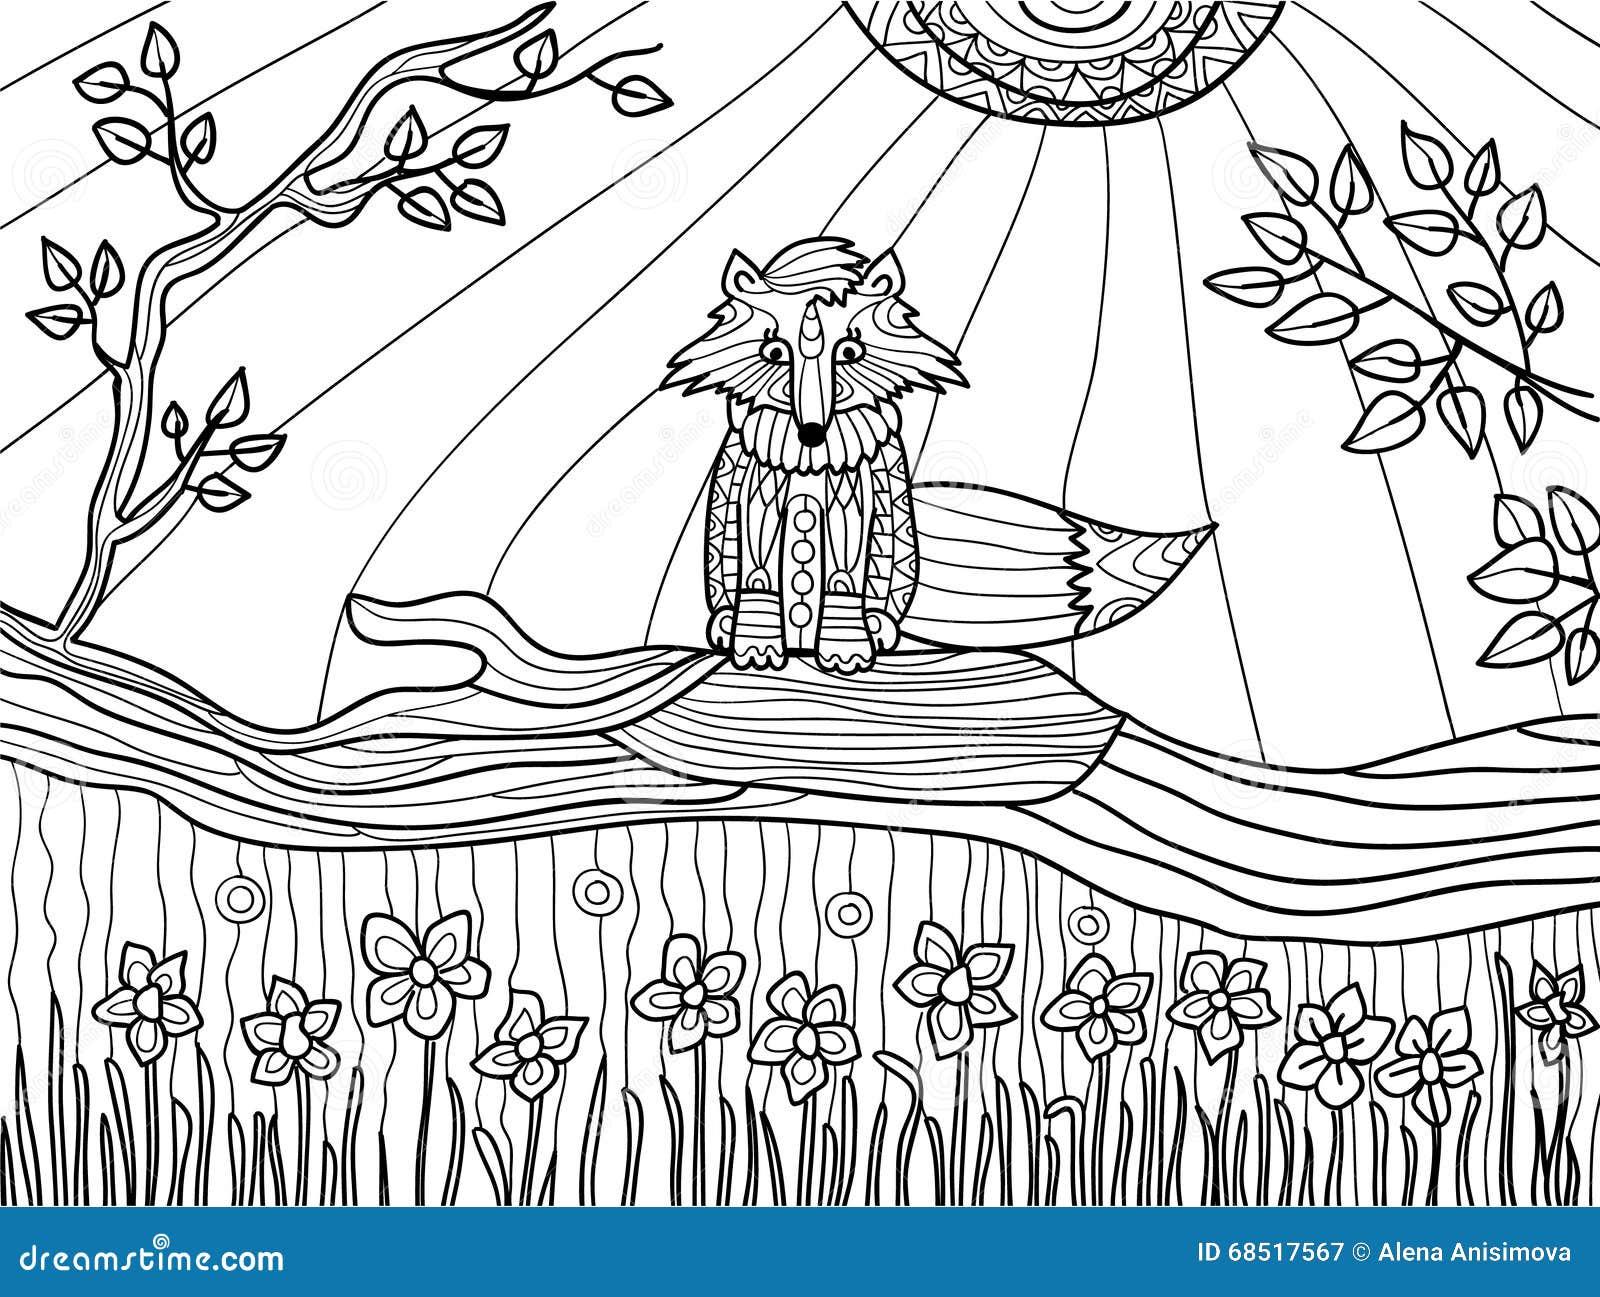 Páginas Del Libro De Colorear Para Los Adultos: Cachorro Divertido ...